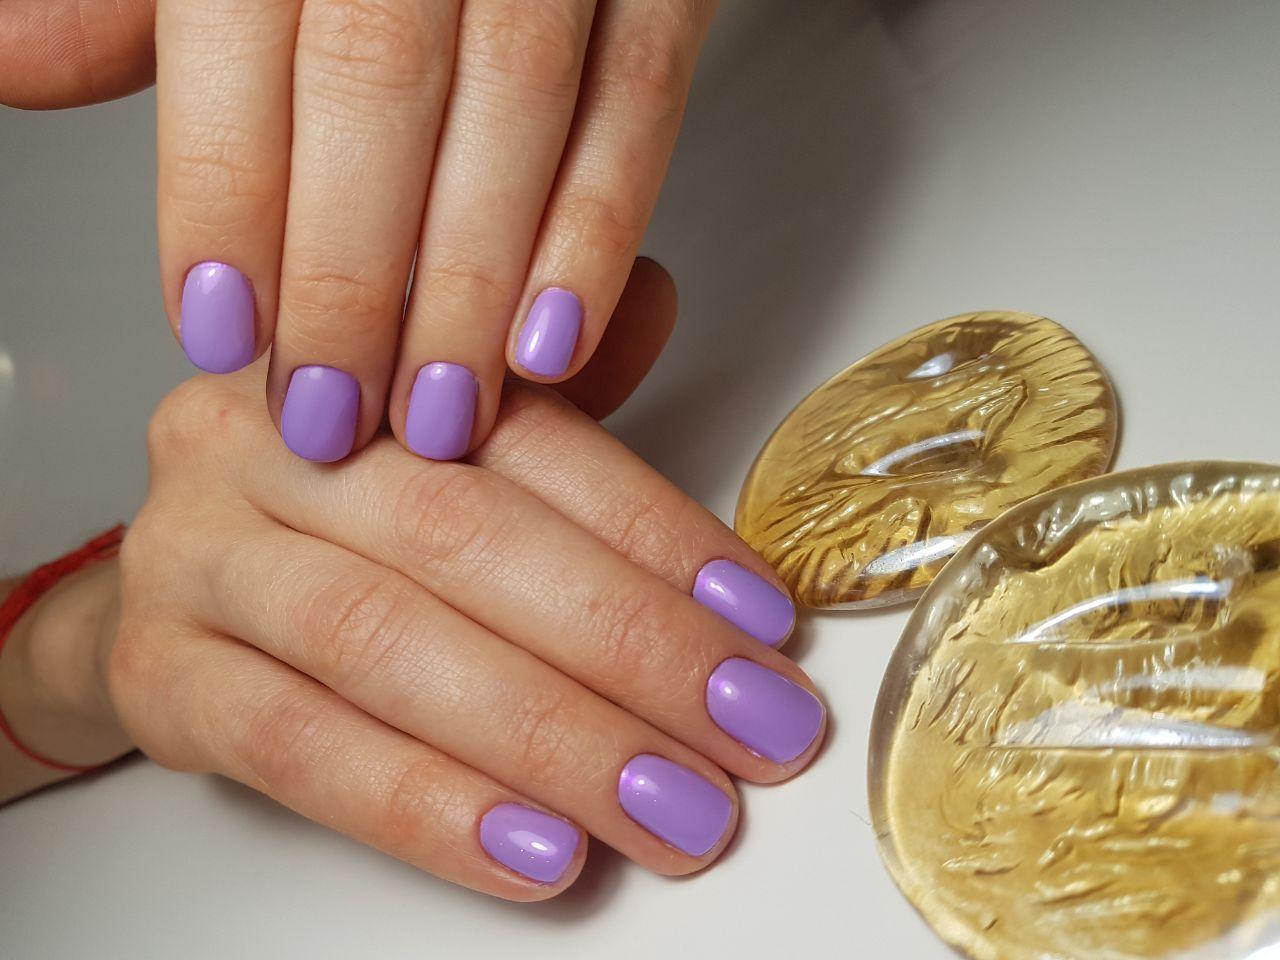 Маникюр в сиреневом цвете на короткие ногти.